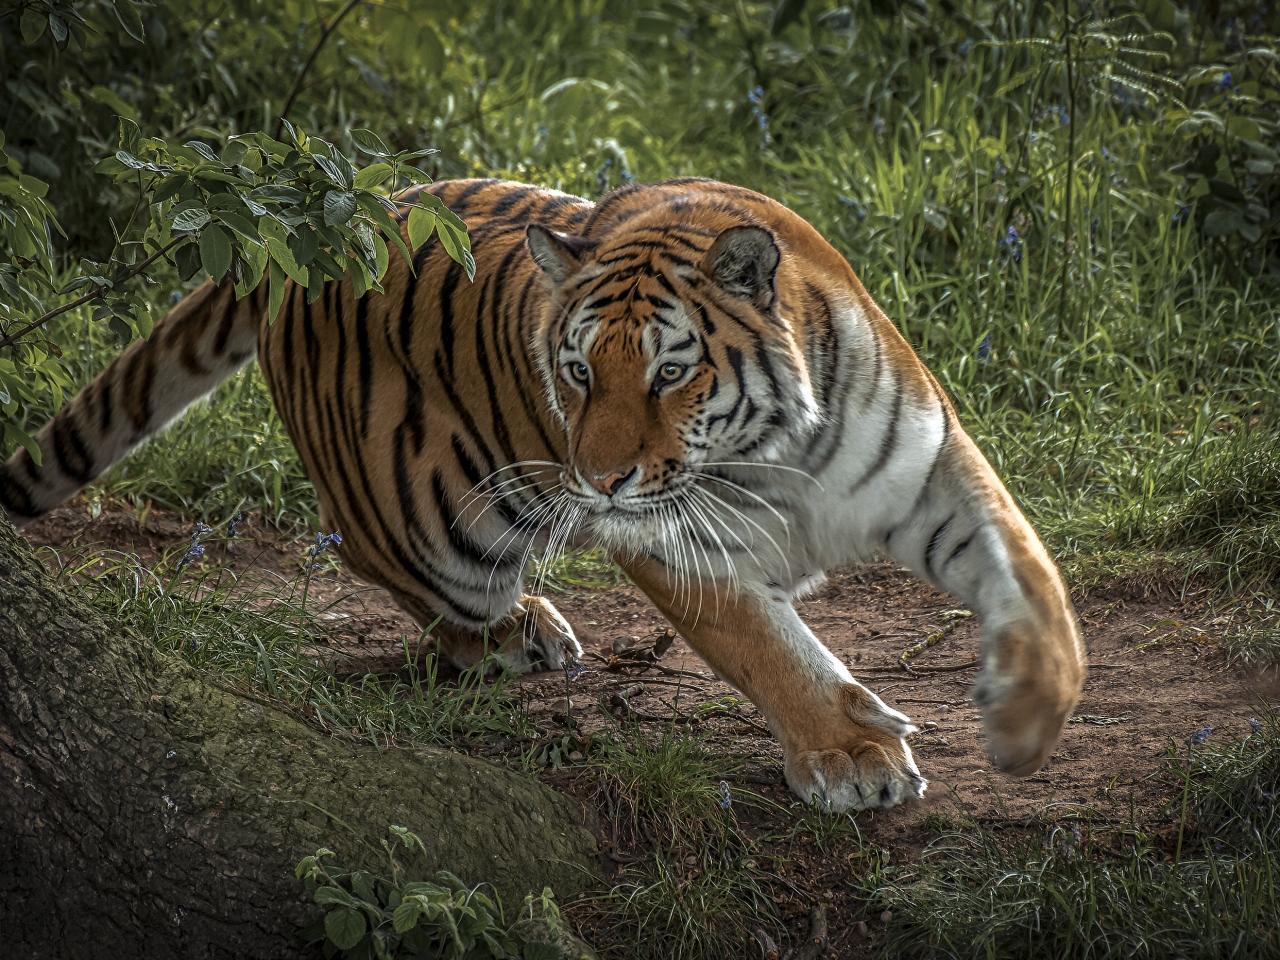 Tigre corriendo - 1280x960